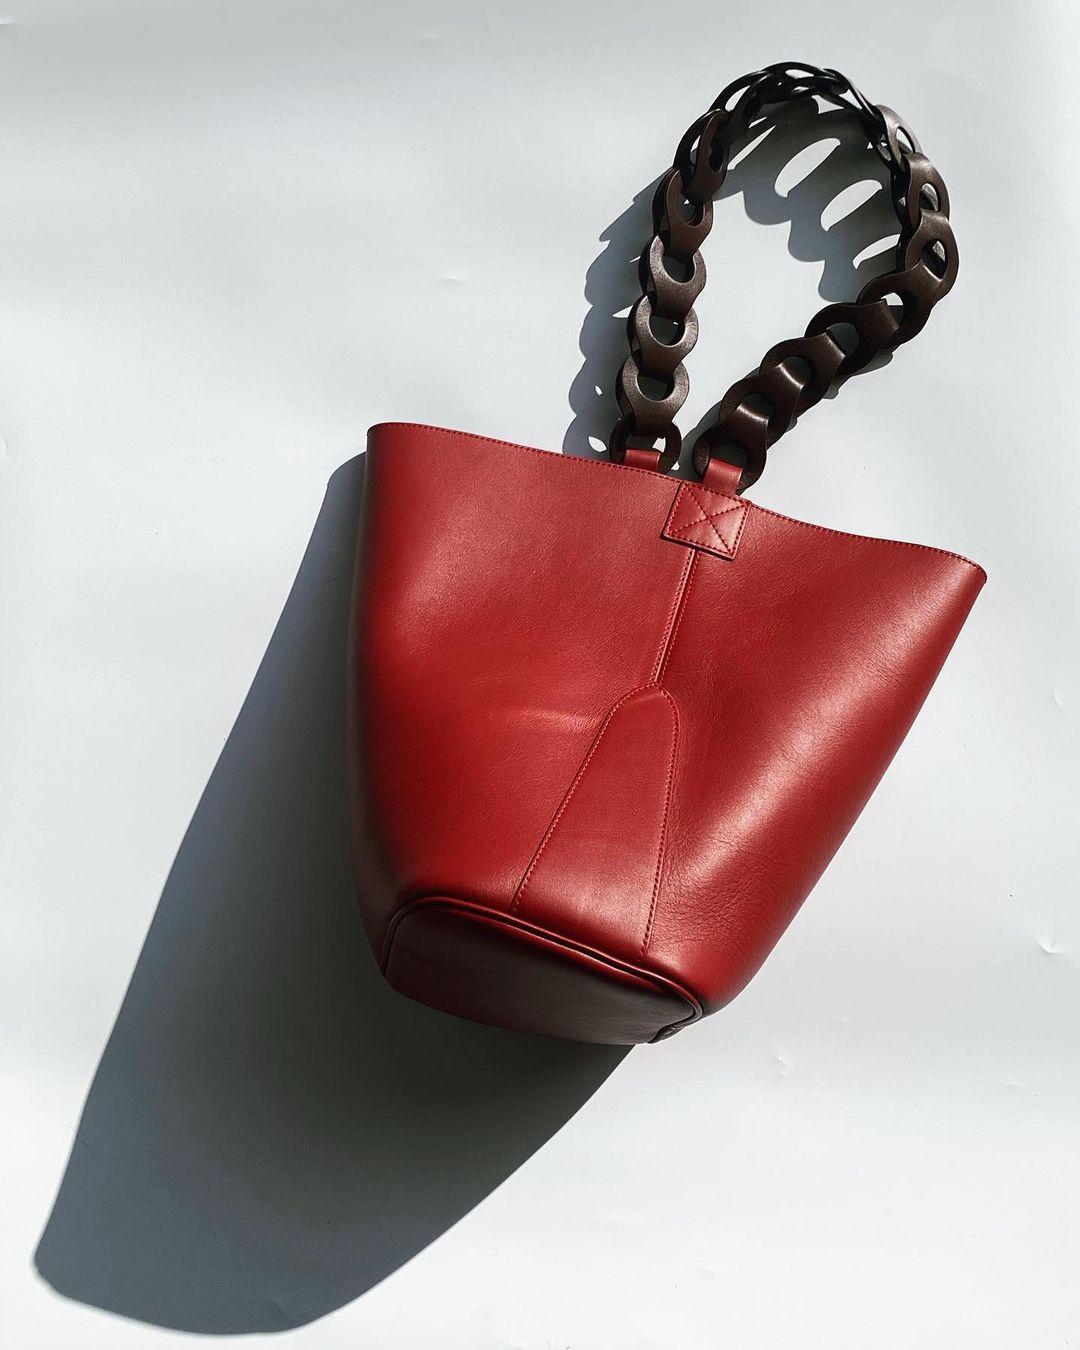 Bolso rojo y marrón chocolate / Foto: Marieta Torres